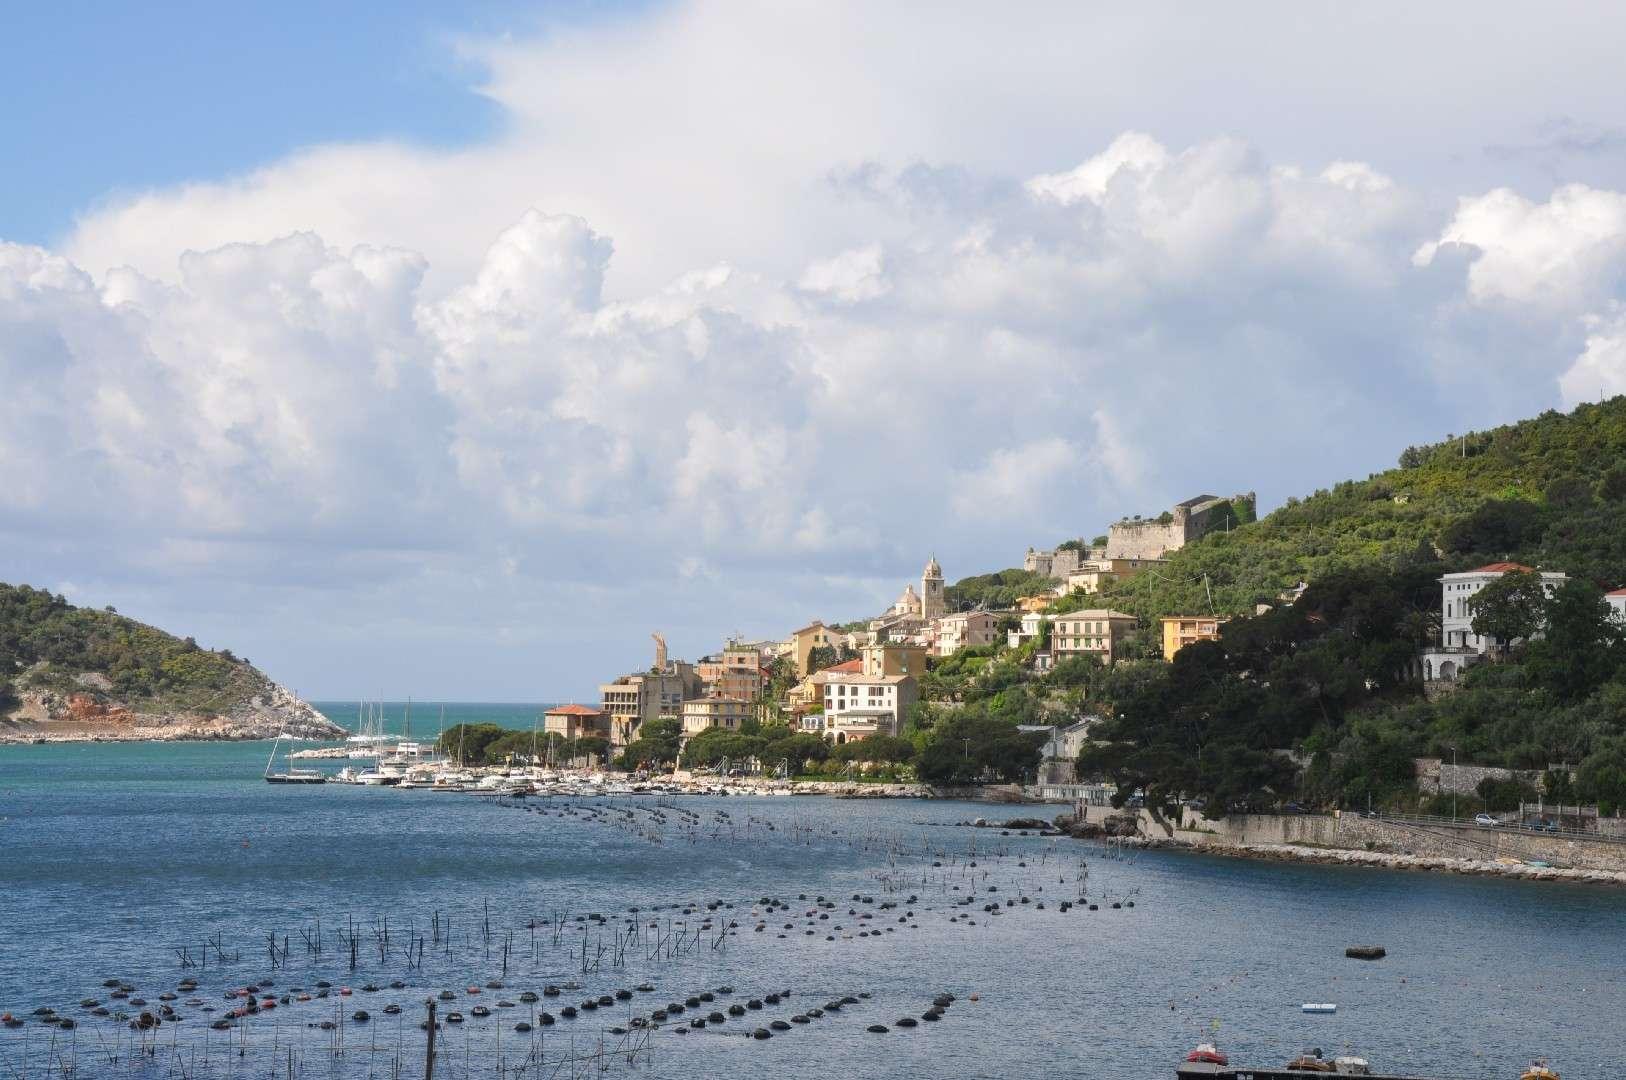 Parc naturel régional de Portovenere, Cinque Terre - Italie Dsc_2412